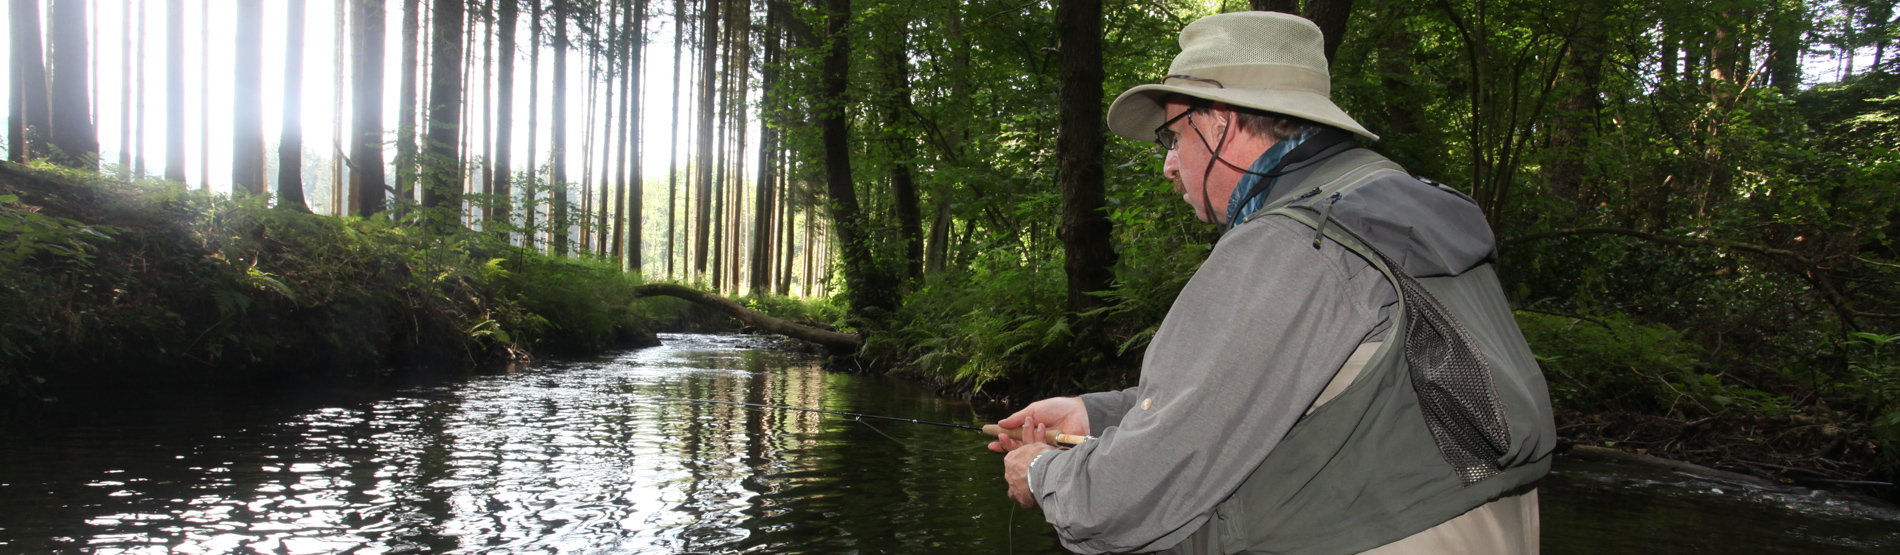 Rudy van Duijnhoven beim Fliegenfischen an den Hirschberger Bächen